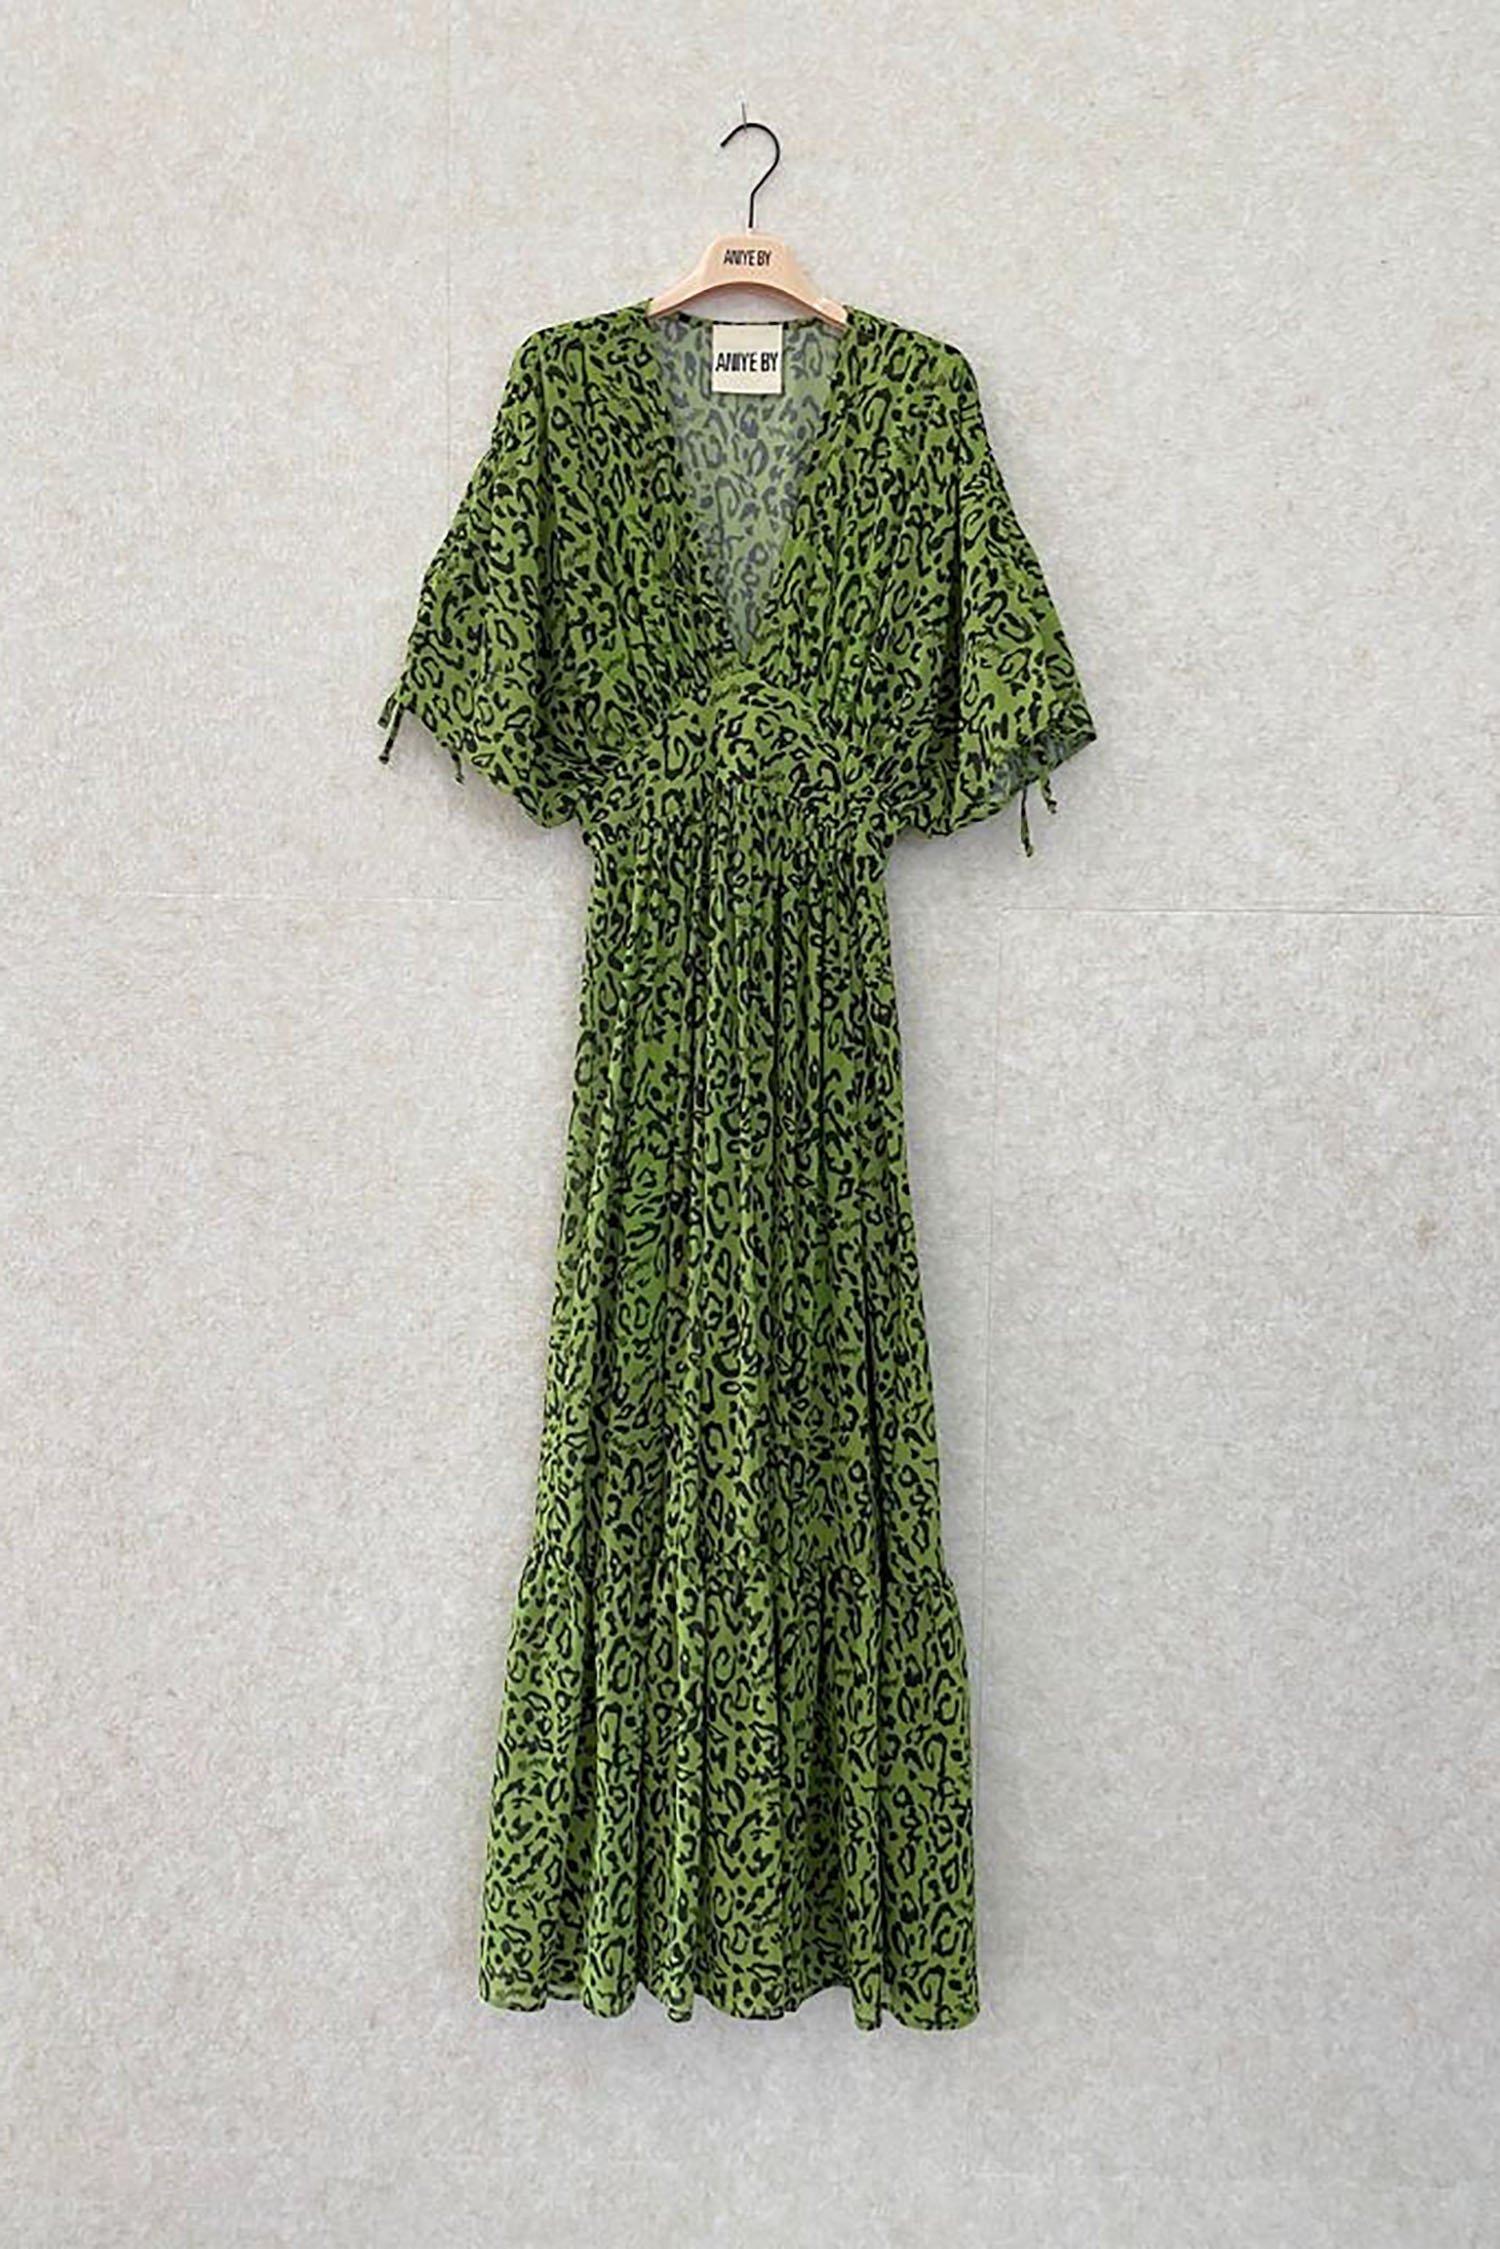 LONG DRESS NANCY